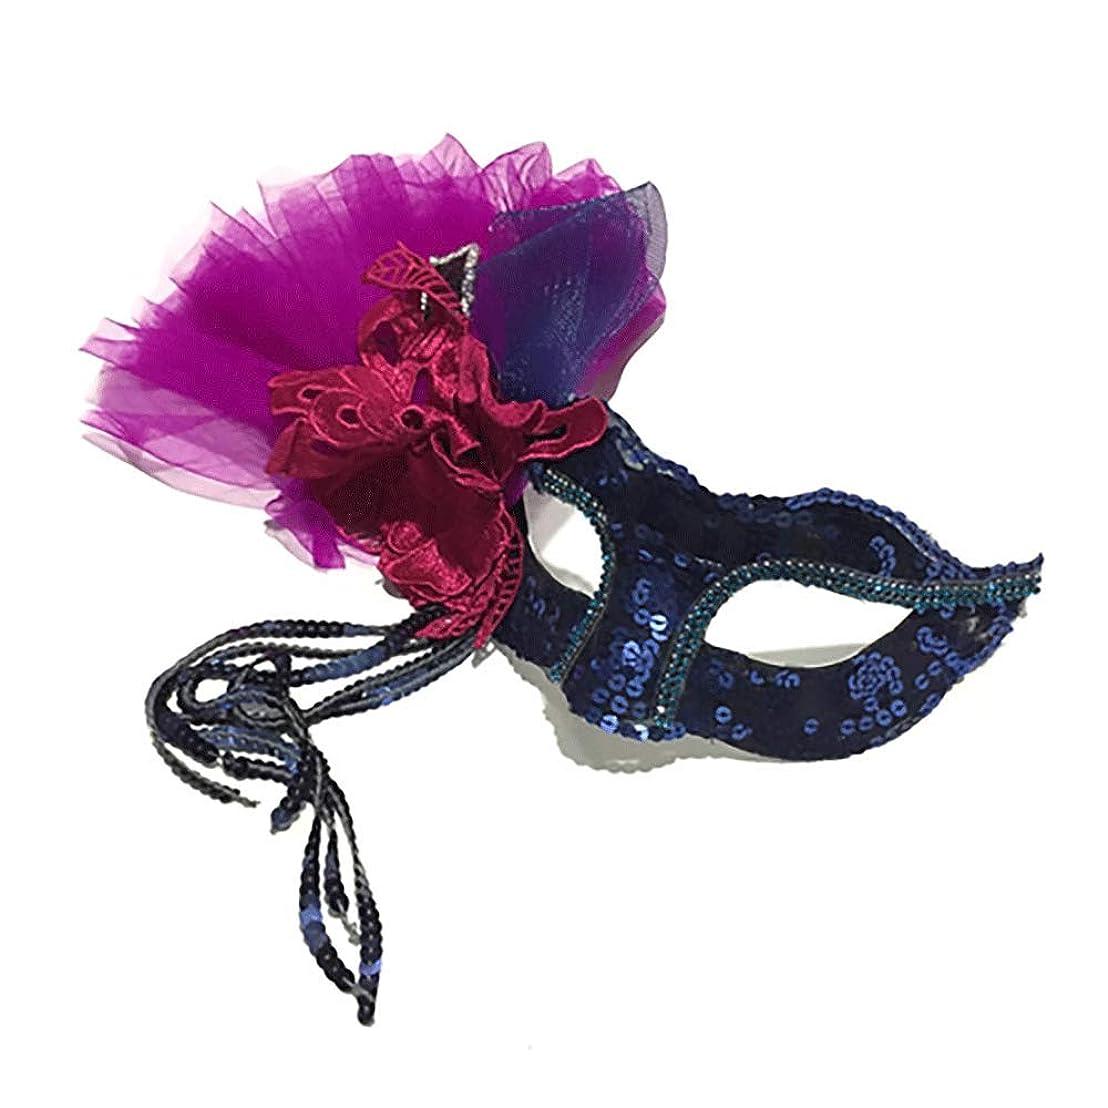 悪名高いゴム残酷なNanle 美容プリンセスファッションマスクゴールデンレースステージハロウィンボールフリンジフェザーマスクパーティーマスク (色 : Style A)